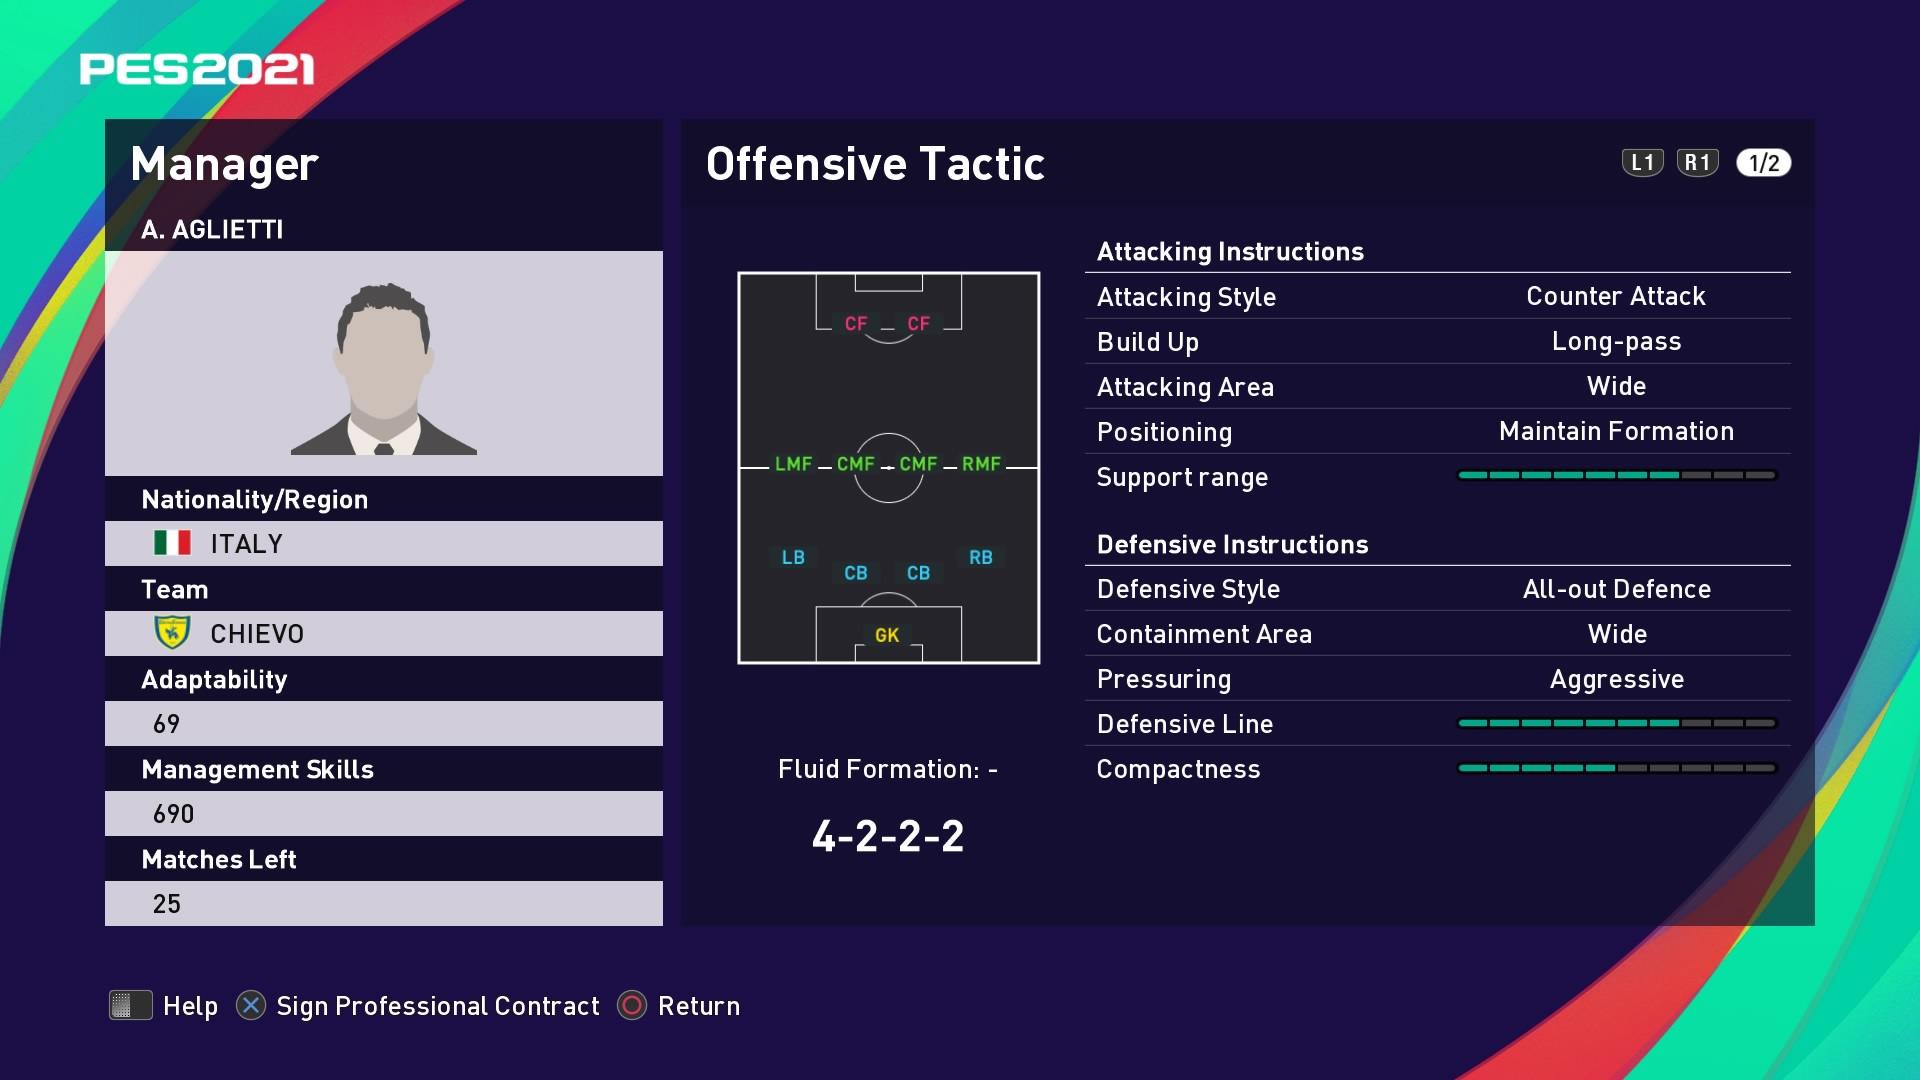 A. Aglietti (Alfredo Aglietti) Offensive Tactic in PES 2021 myClub